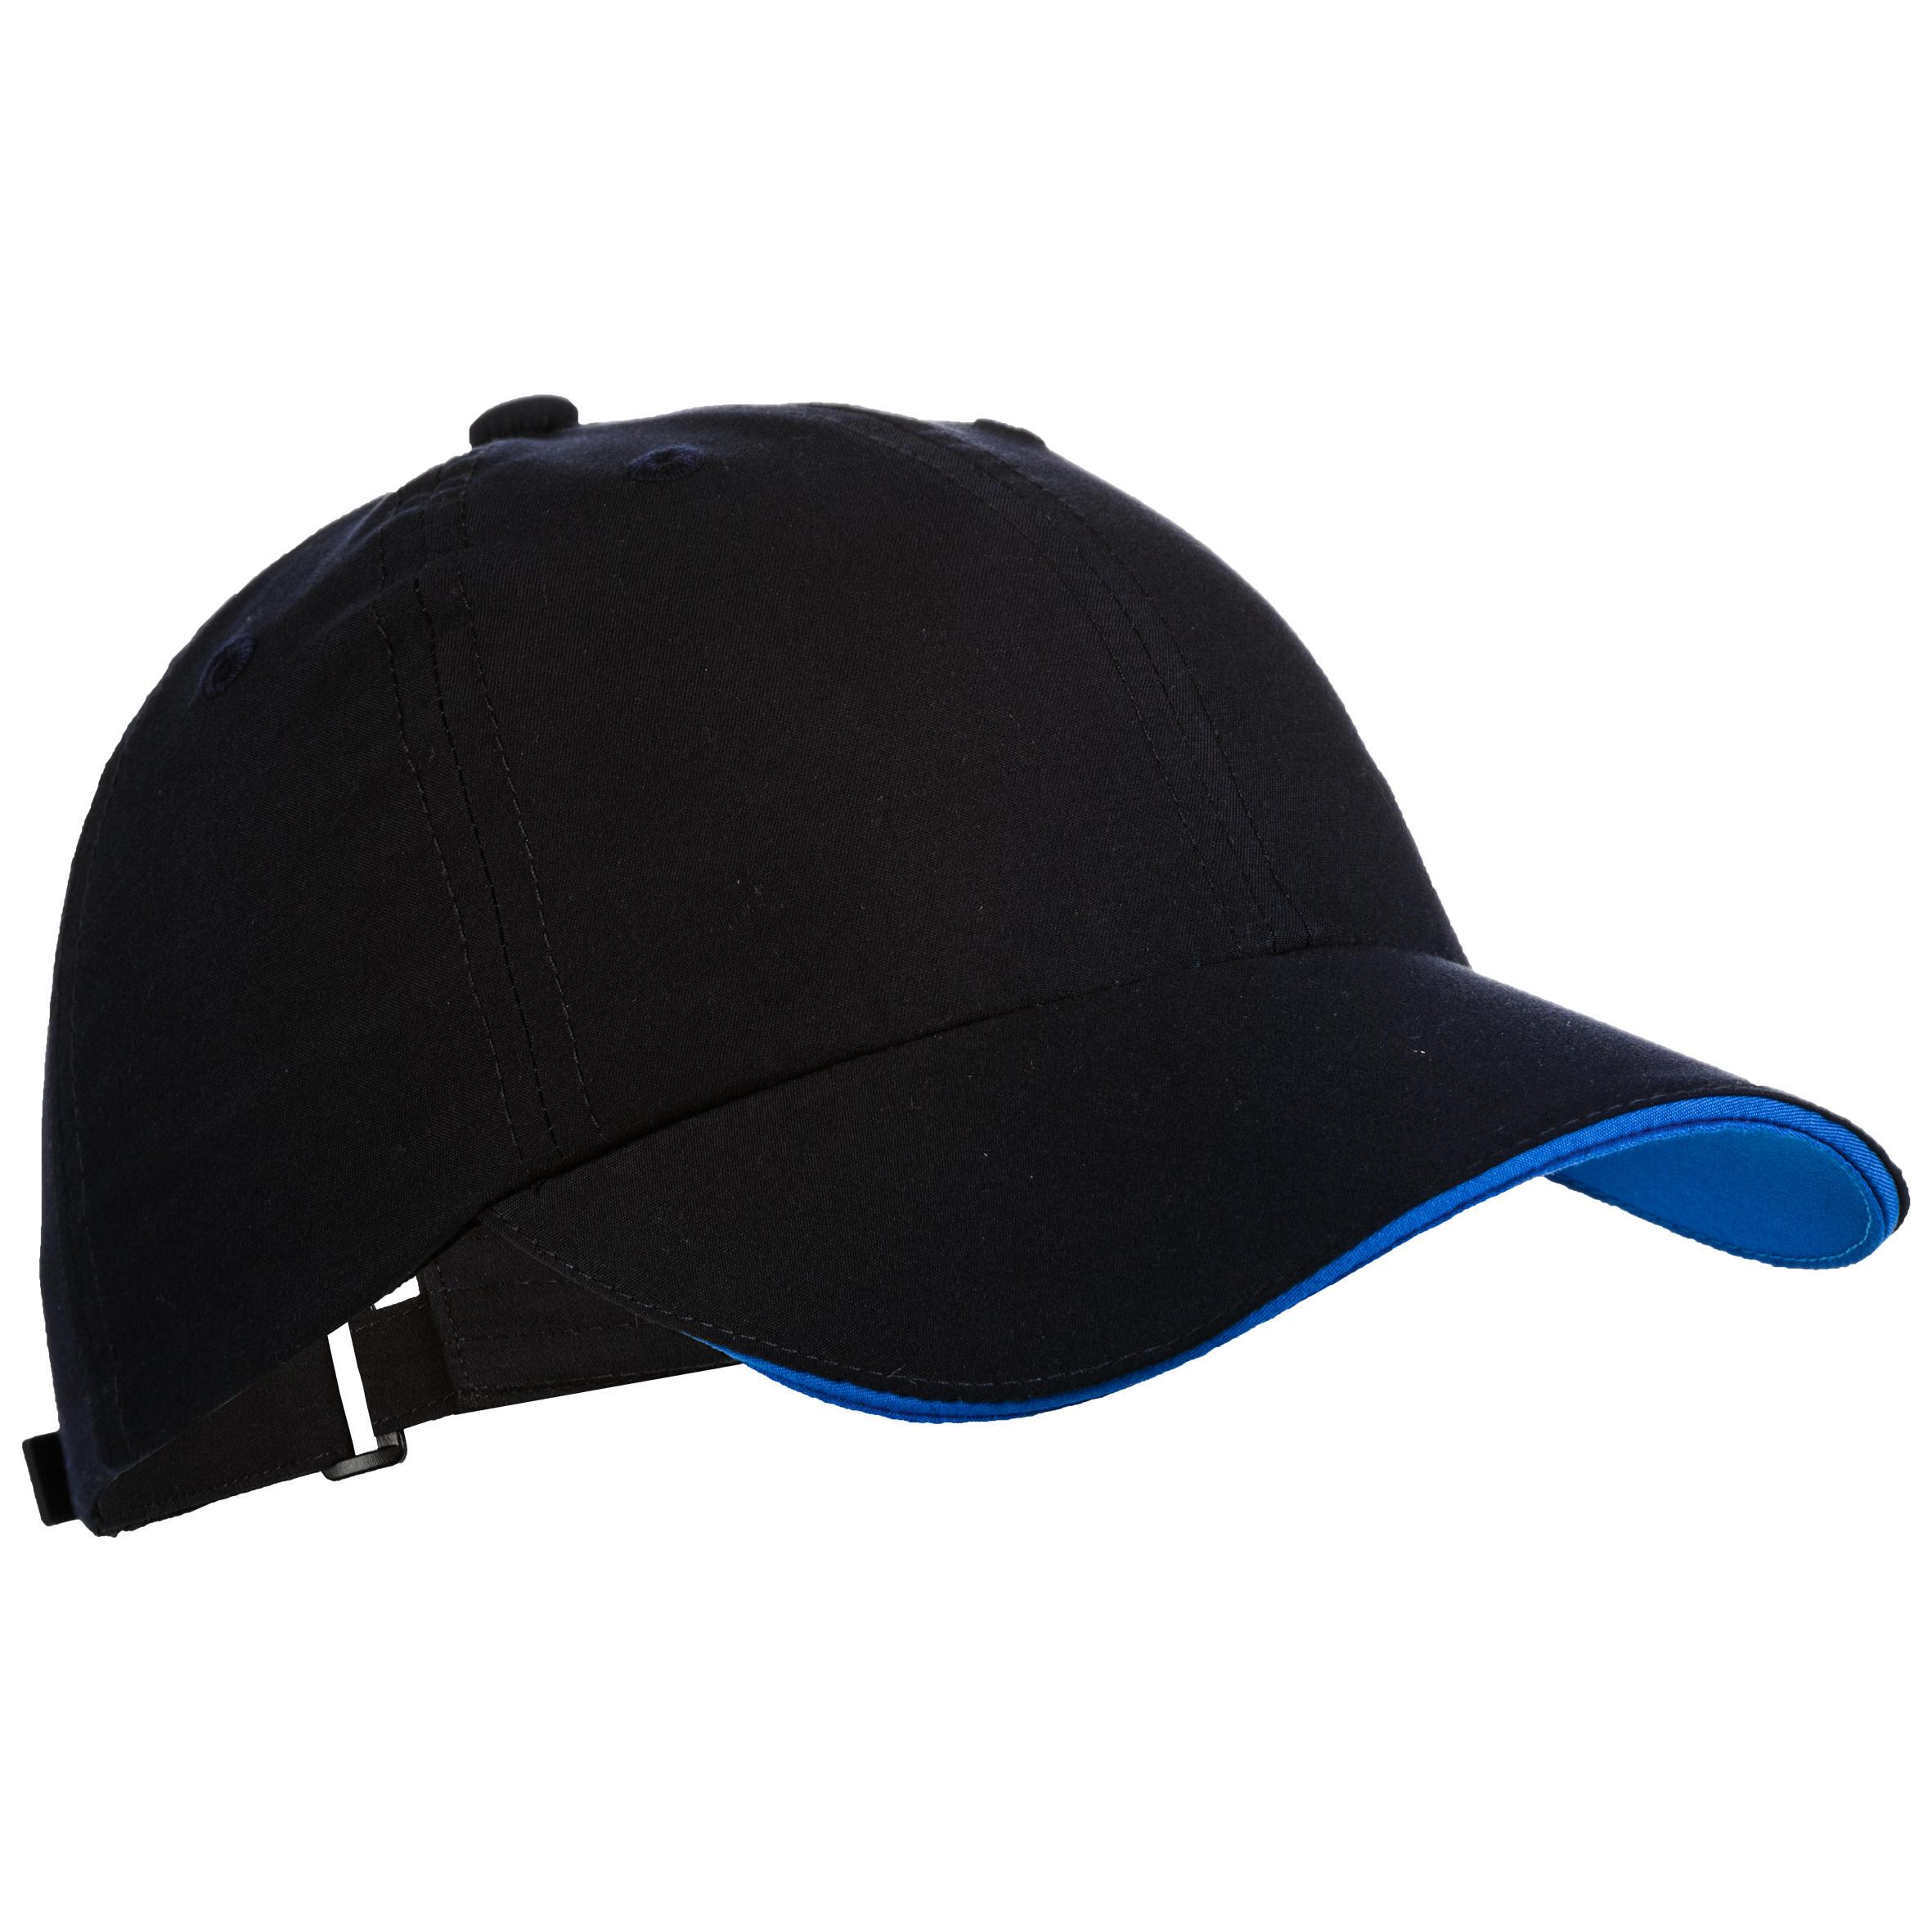 TC 100 Kids' Racket Sports Cap - Navy